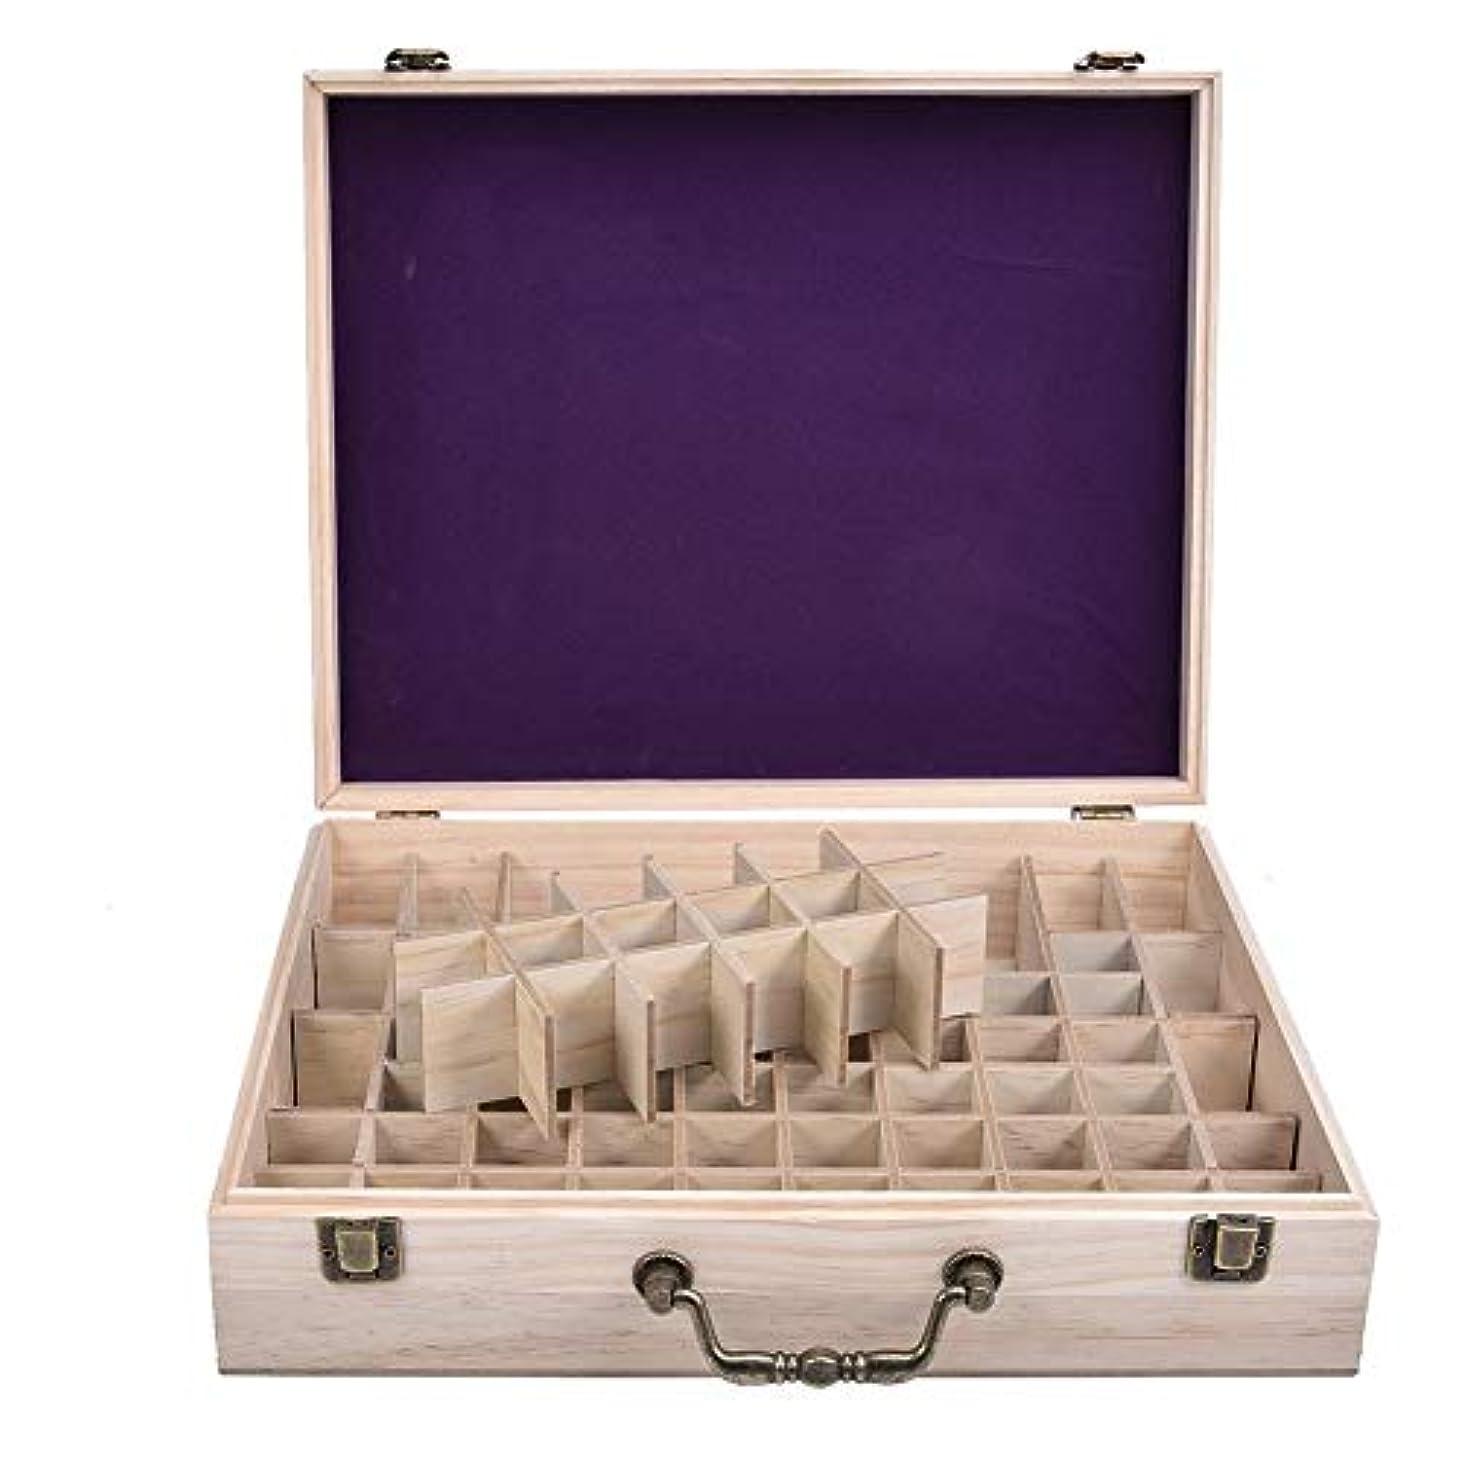 主導権神話悲劇的なエッセンシャルオイル収納ケース 精油収納ボックス 木製 72本収納可能 大容量 取り外し可能なグリッド 5ml?10ml?15ml?115mlの精油ボルトに対応 junexi